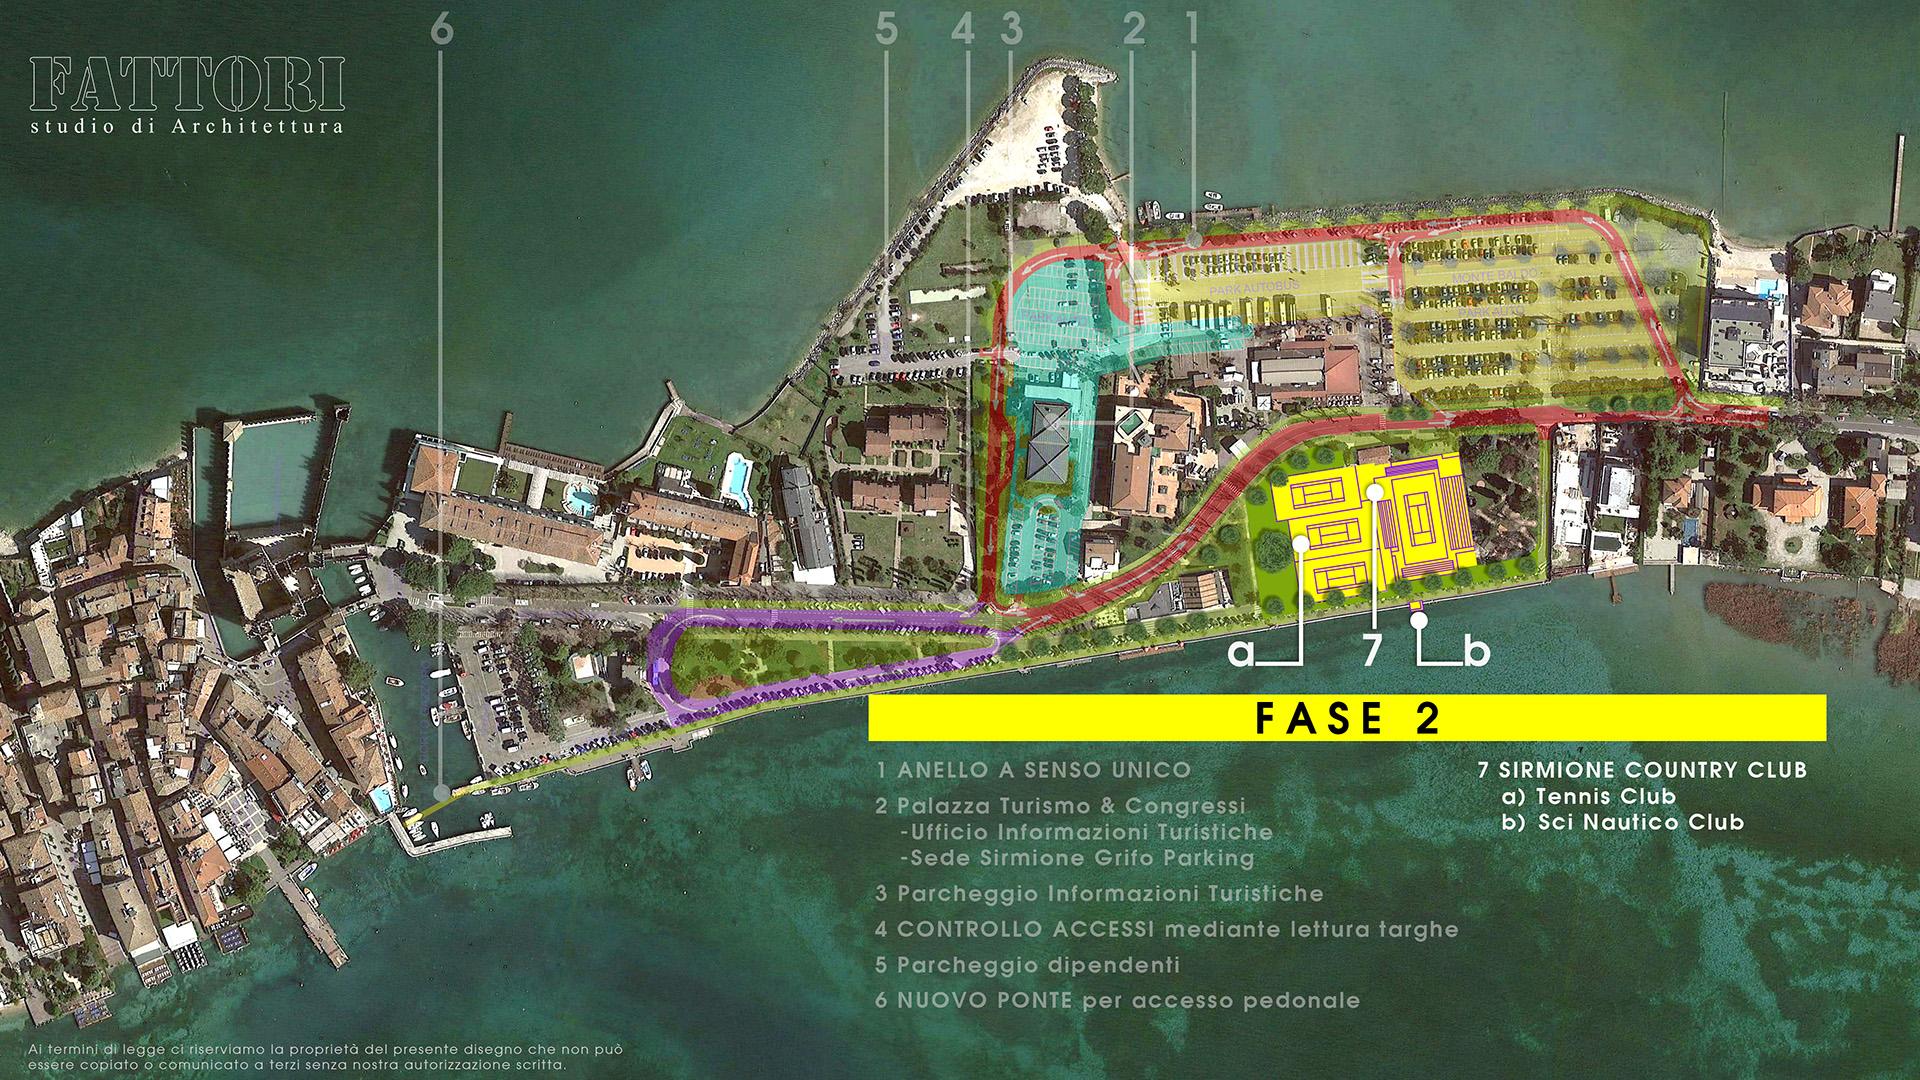 Studio di Architettura Fattori Fausto - Viabilità Sirmione il progetto - Fase 2